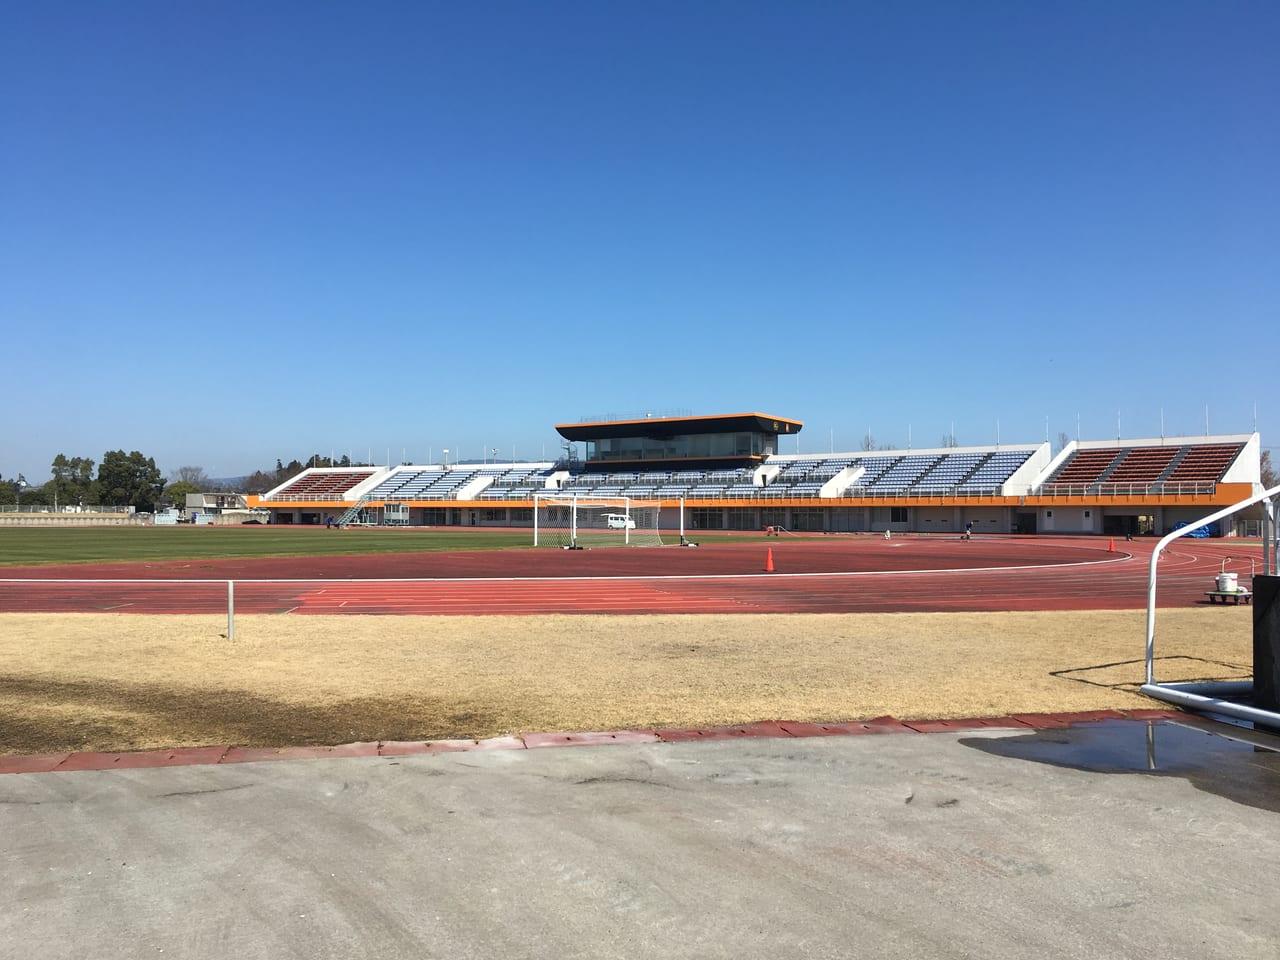 ヴィアティンカラーに彩られた東員町スポーツ公園陸上競技場の正面